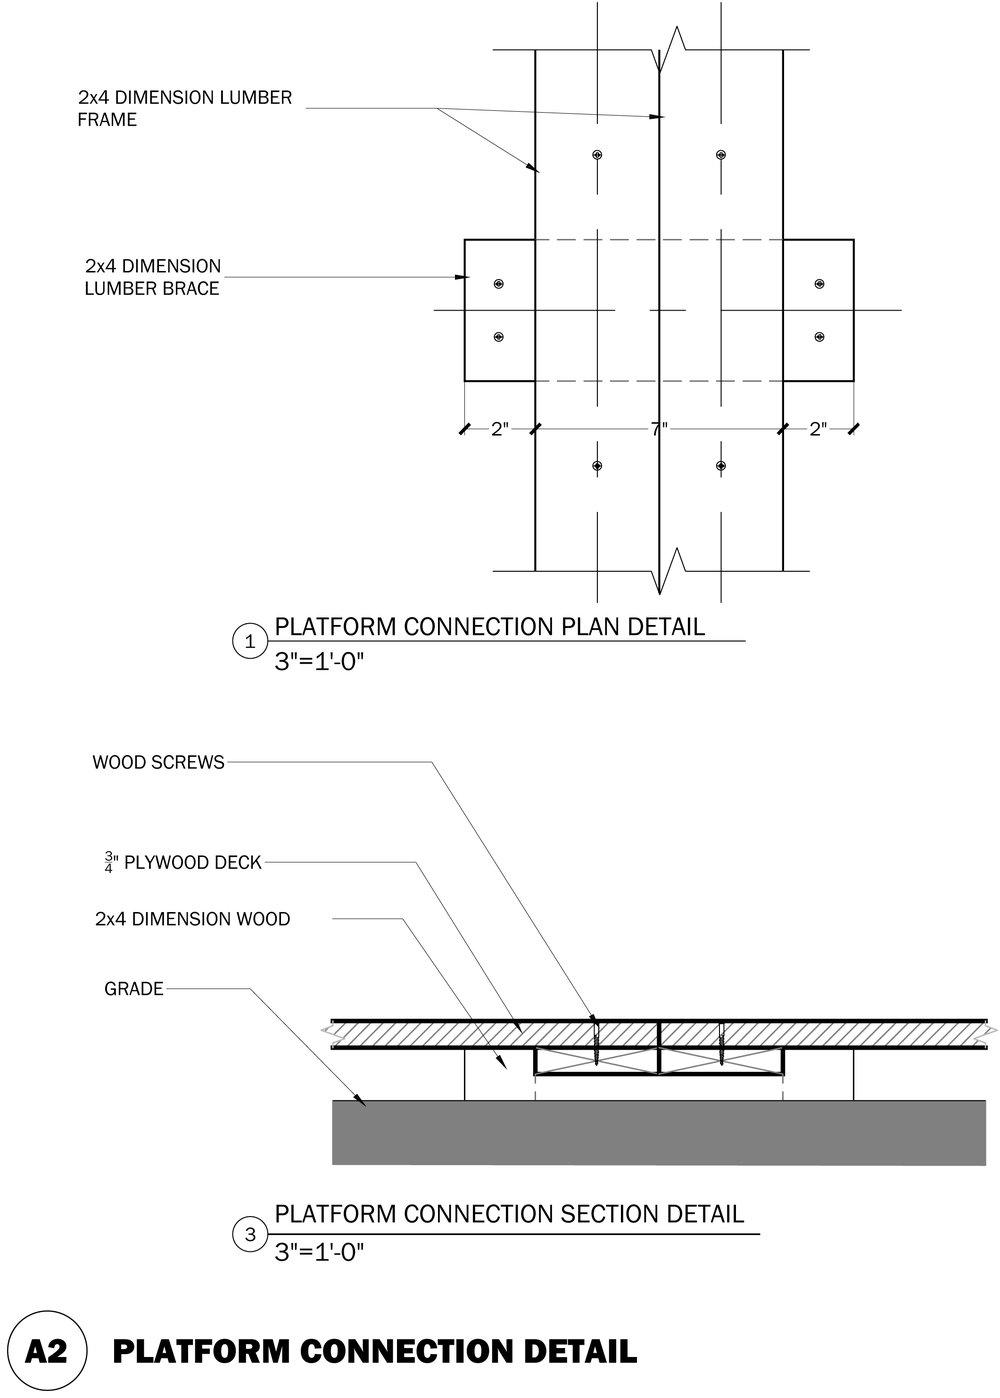 BaseDetails_PLATFORM CONNECTION details.jpg